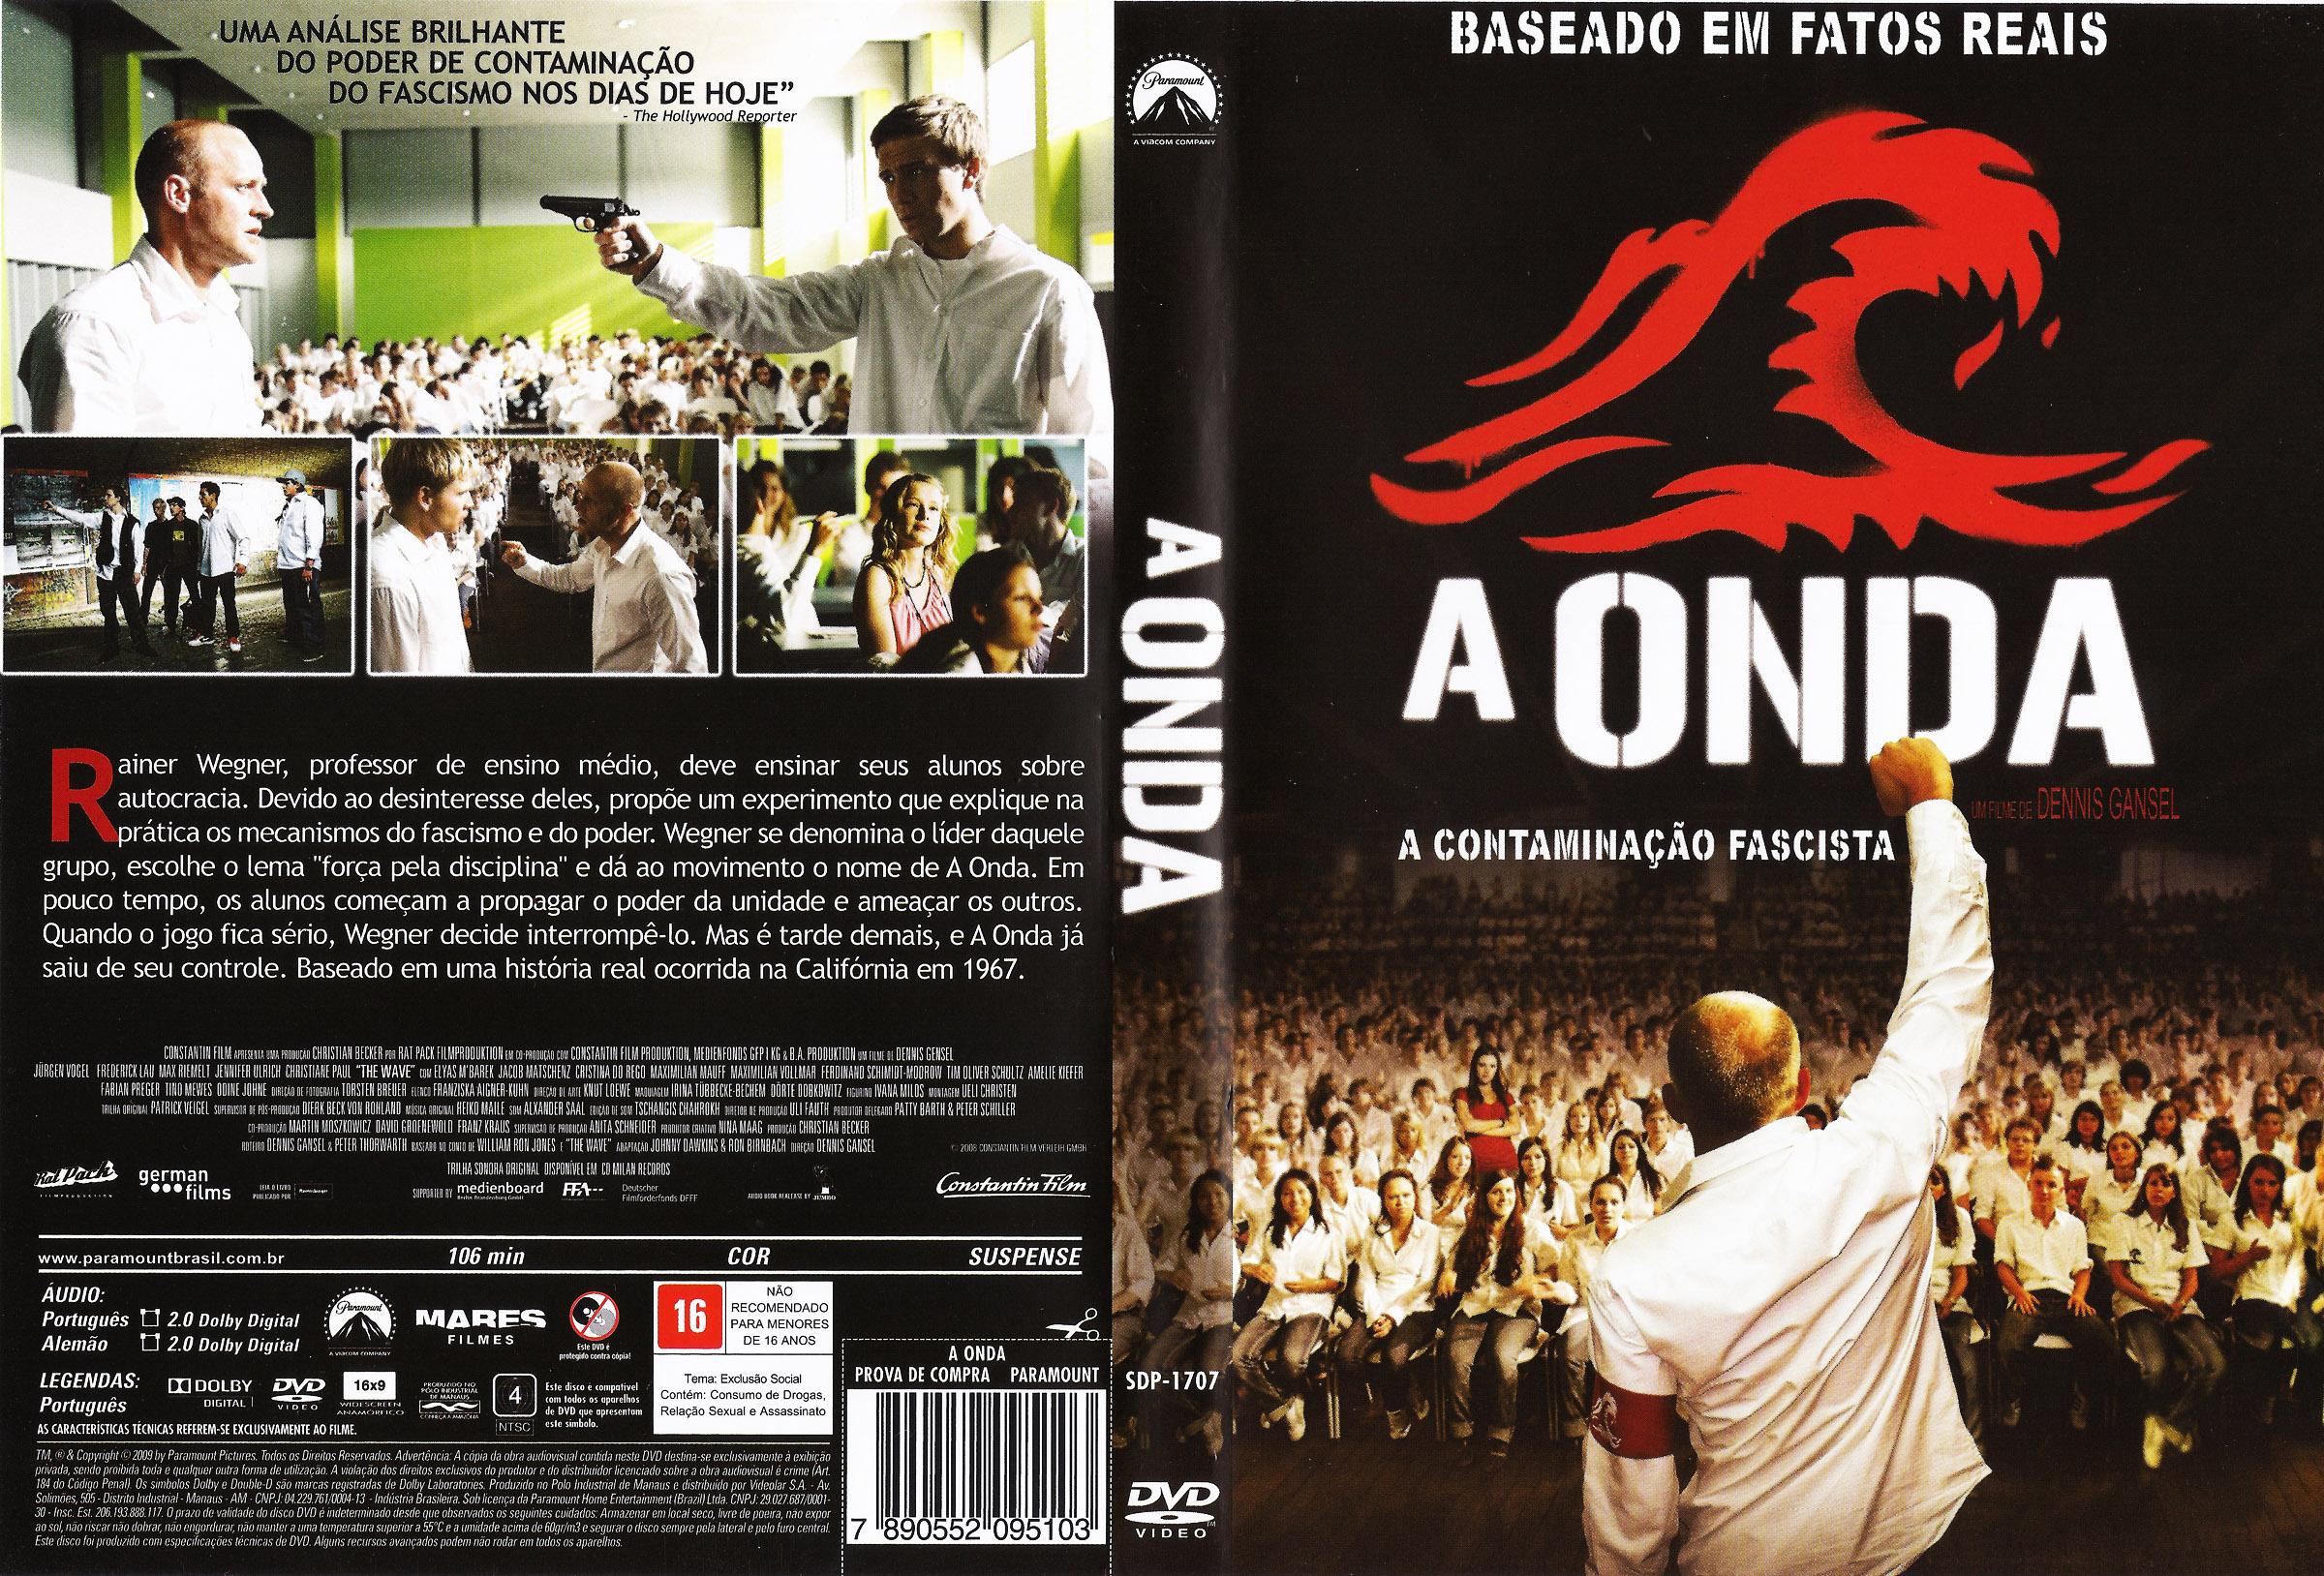 AOnda